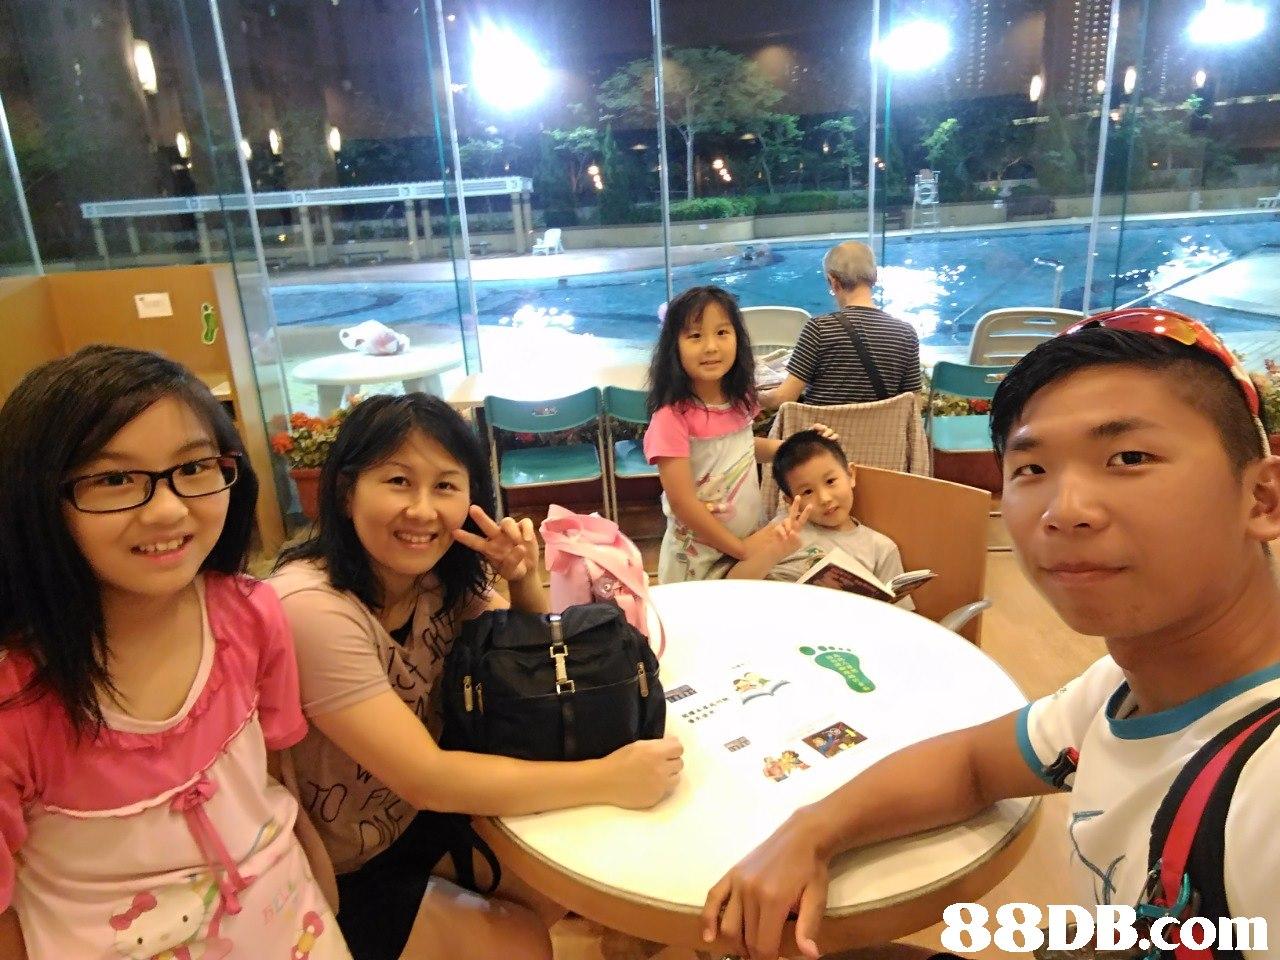 Friendship,Fun,Event,Leisure,